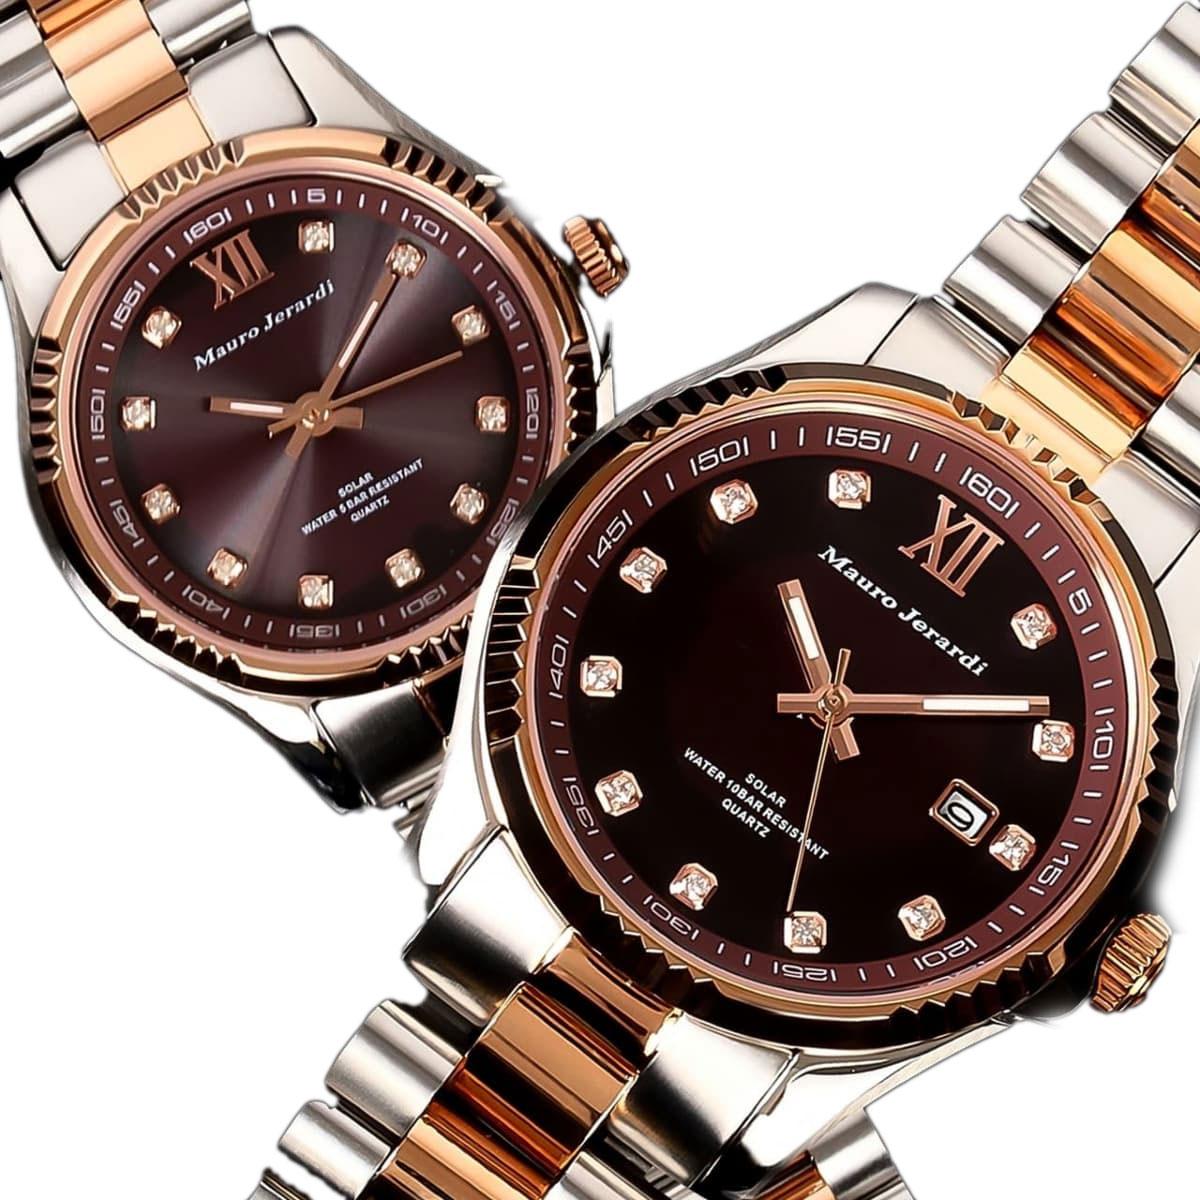 マウロジェラルディ 腕時計 ペア ペアウォッチ Mauro Jerardi ソーラー MJ037-1 MJ038-1